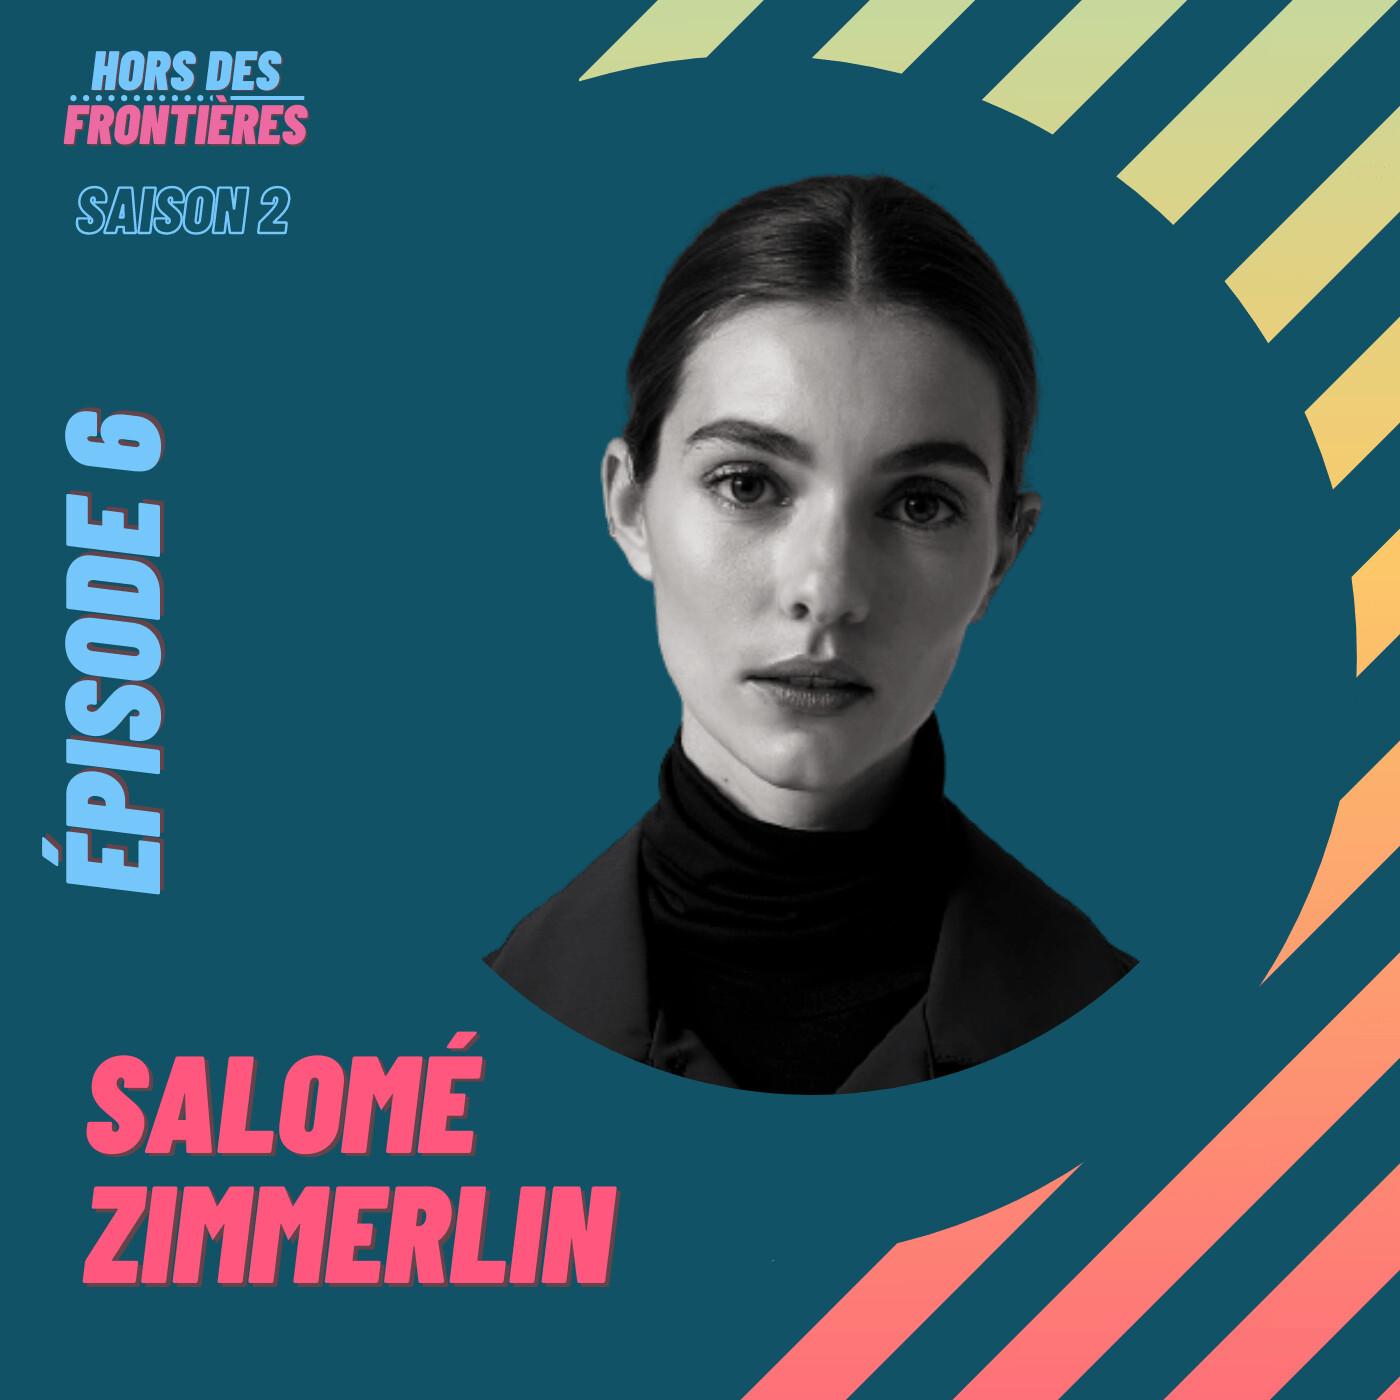 S2E6 Salomé Zimmerlin – Lancer une marque de streetwear et faire le buzz avec des abeilles